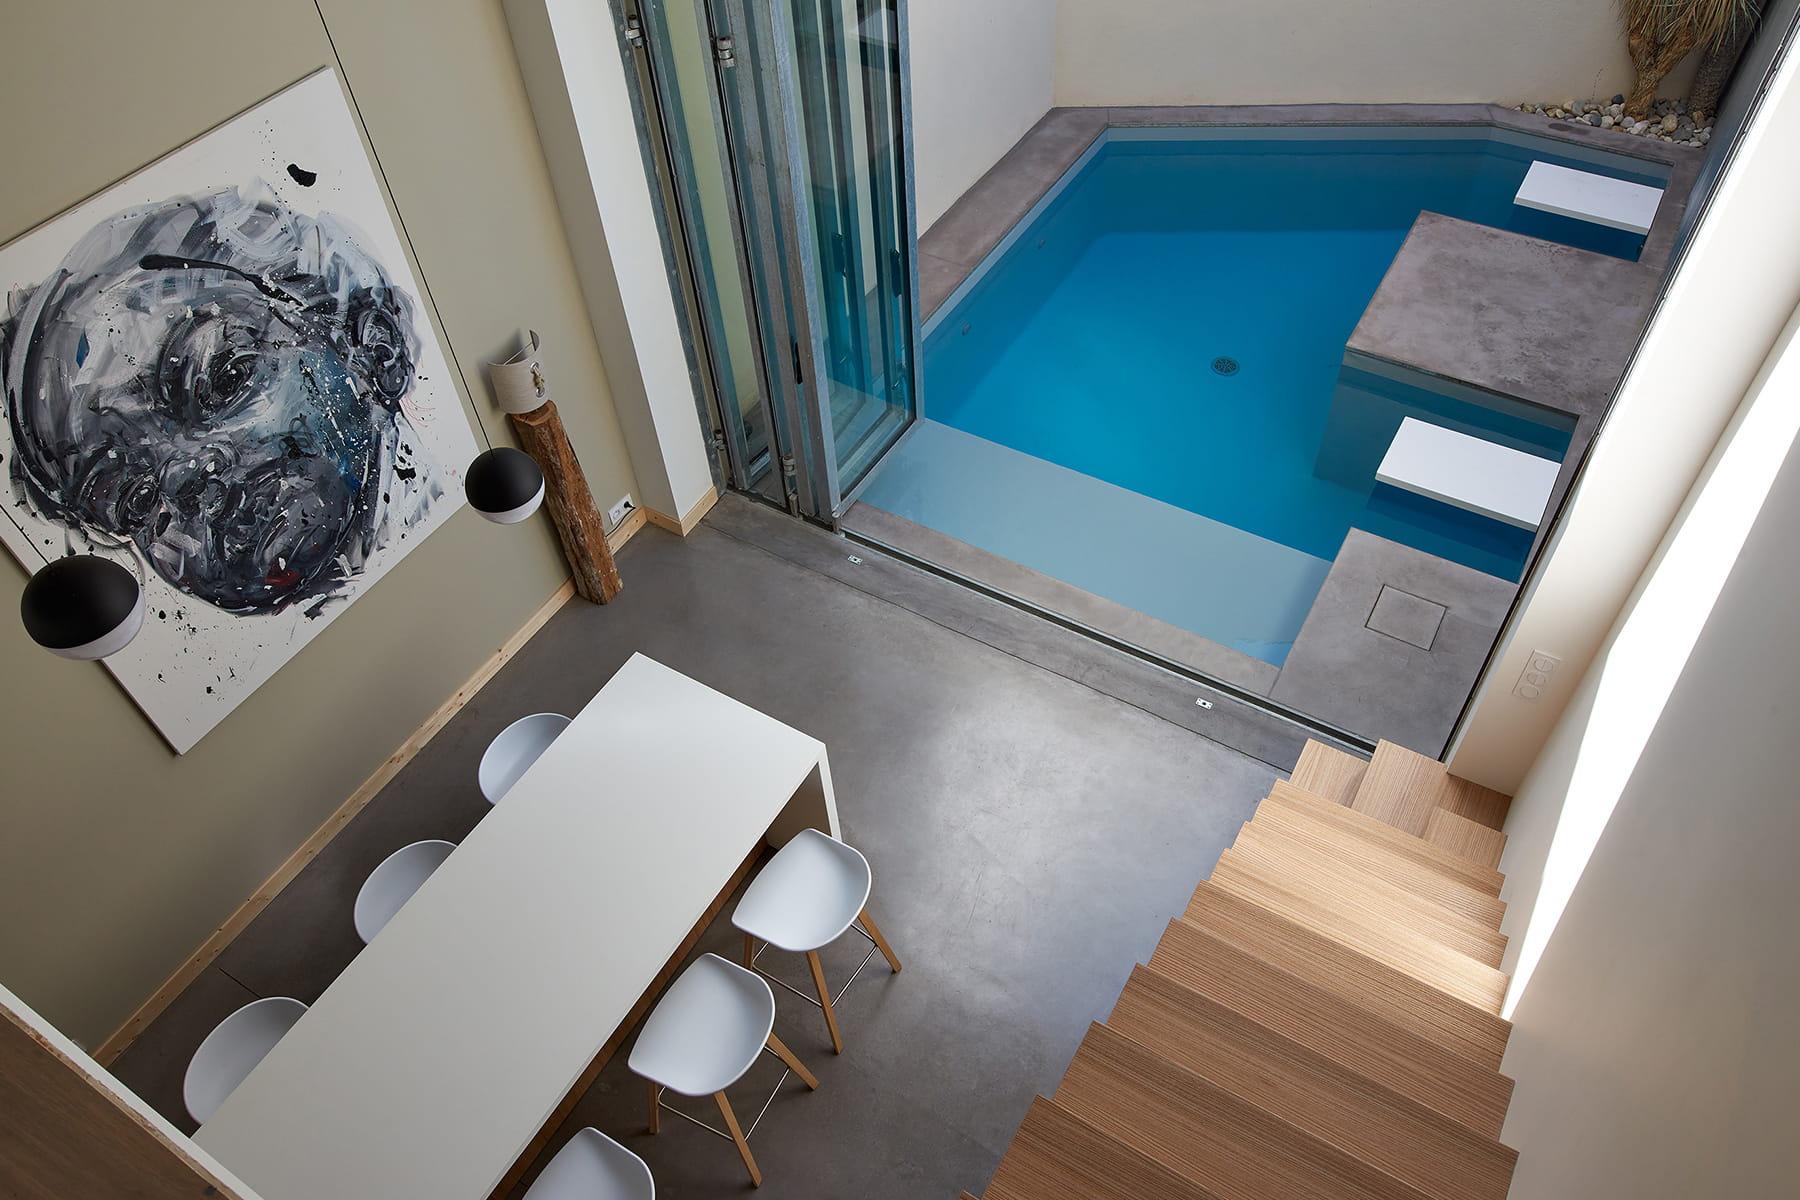 Une piscine int rieure 25 piscines qui donnent envie de plonger lintern - Mini piscine interieure ...